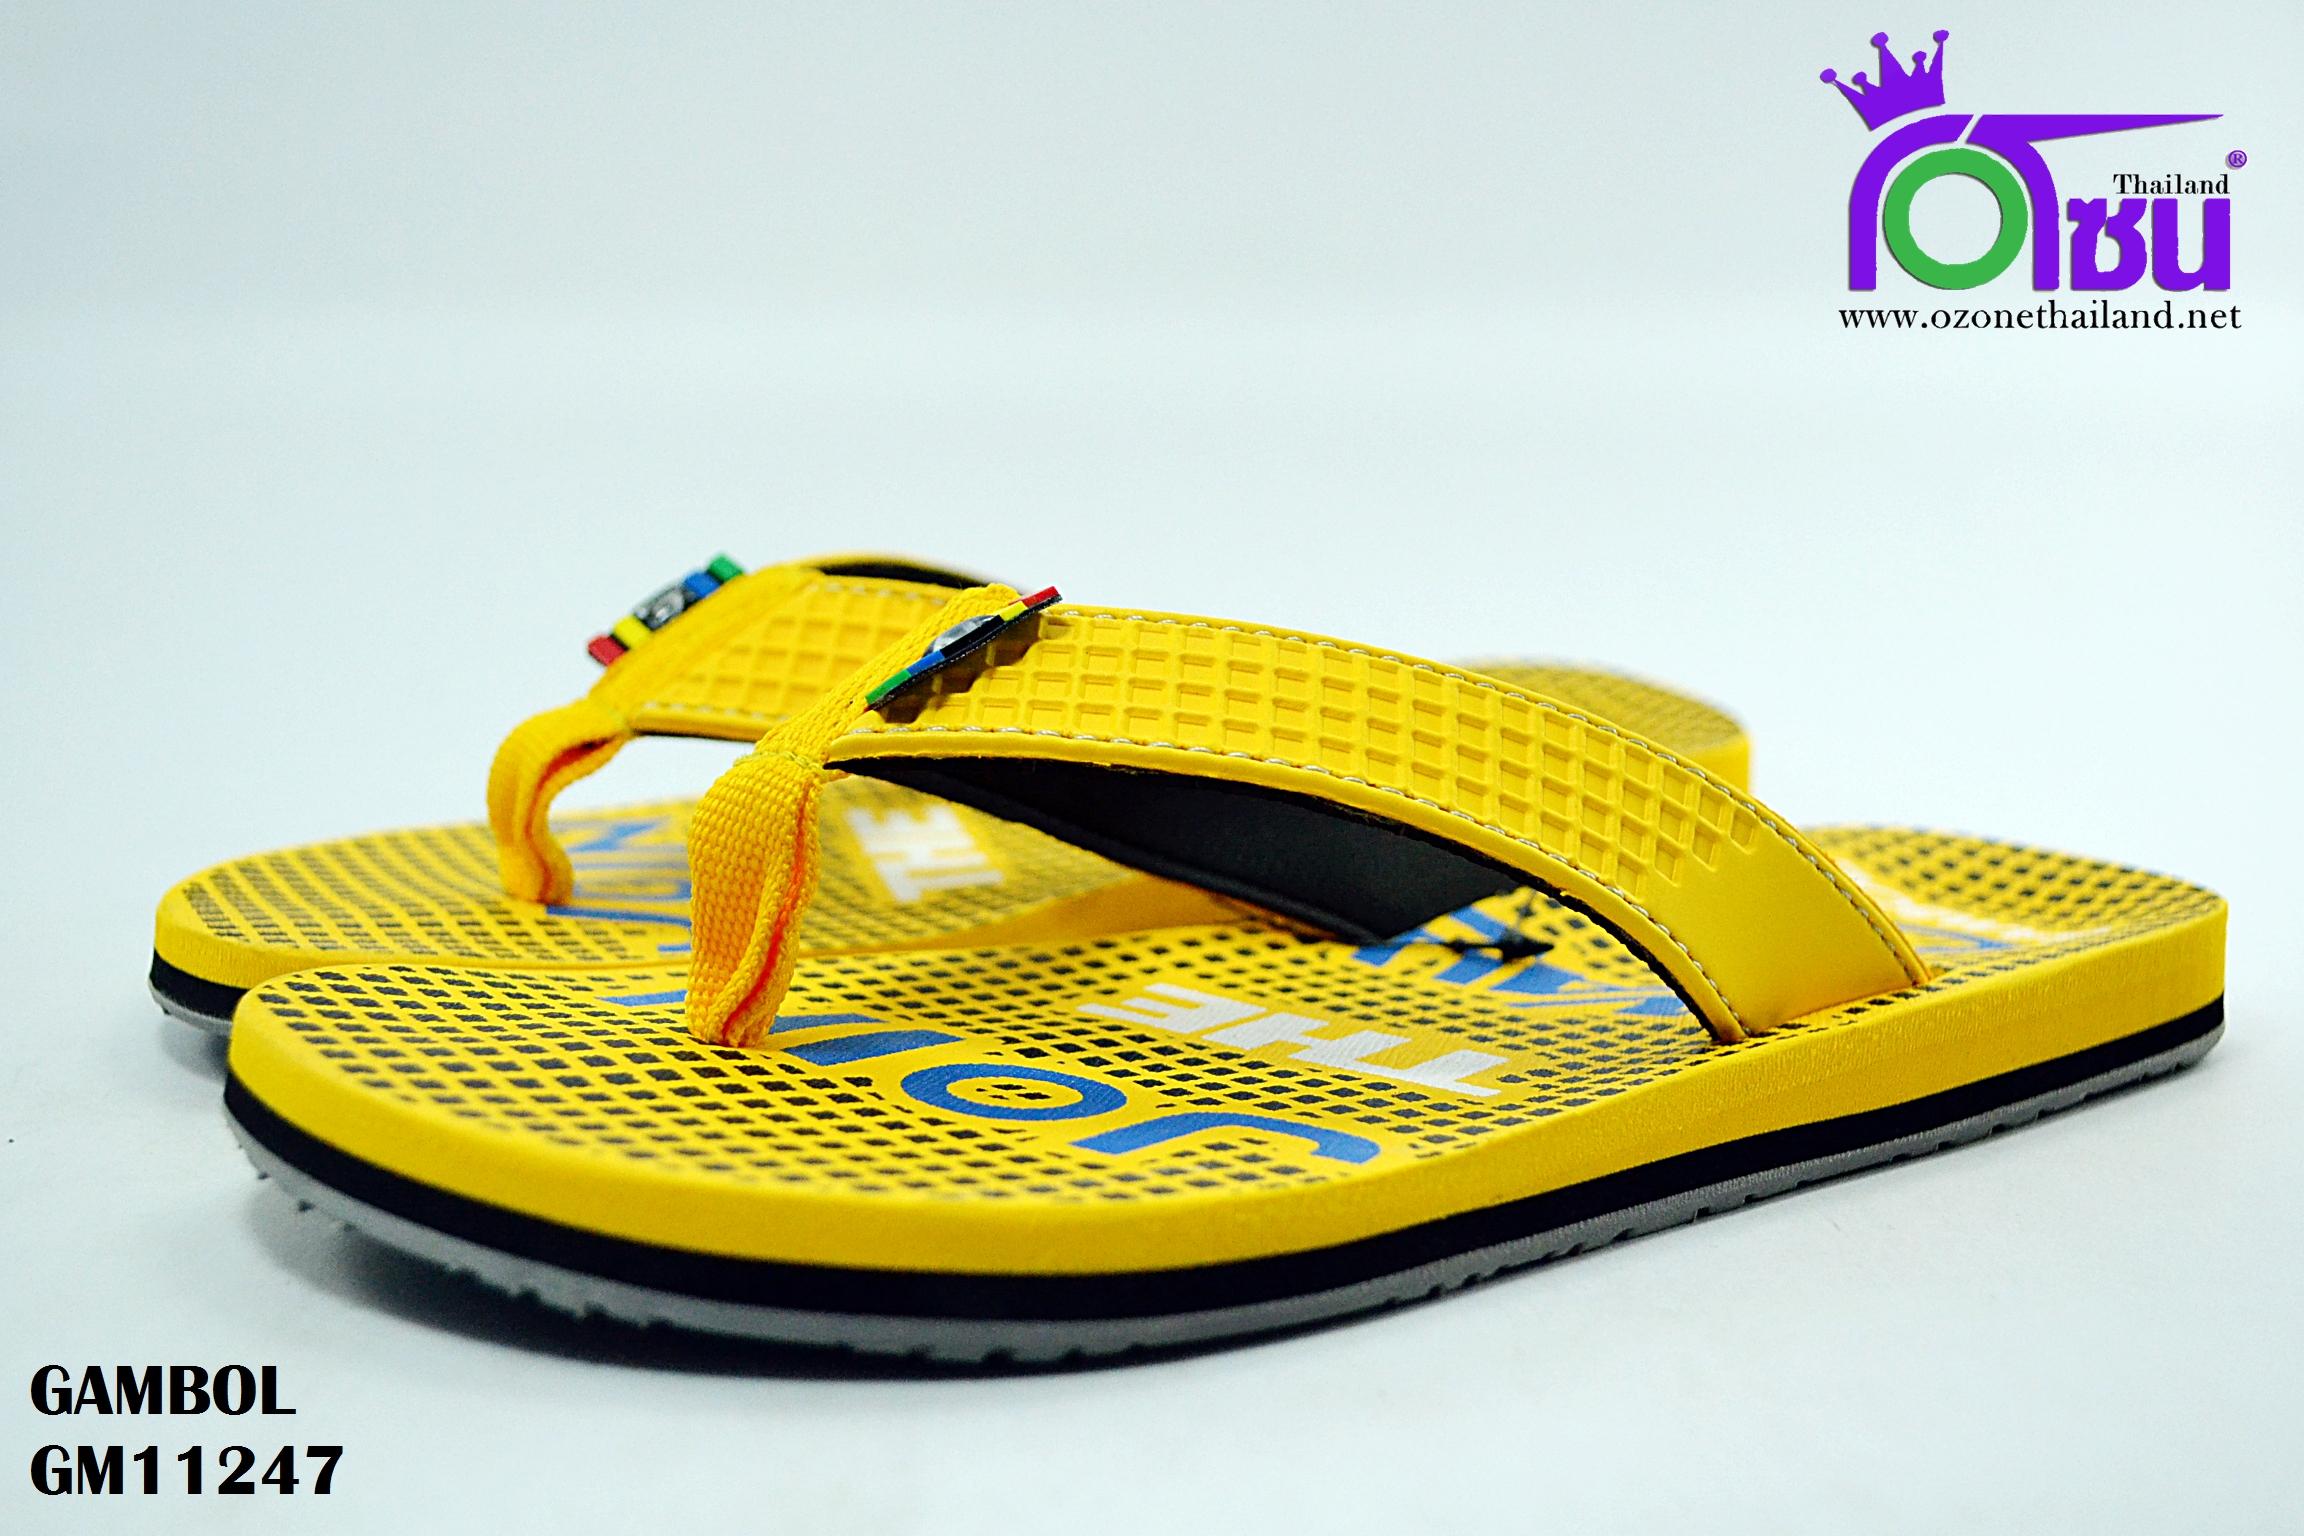 รองเท้าแตะ แกมโบล GAMBOL รุ่น GM11247 สี เหลือง เบอร์ 40-44